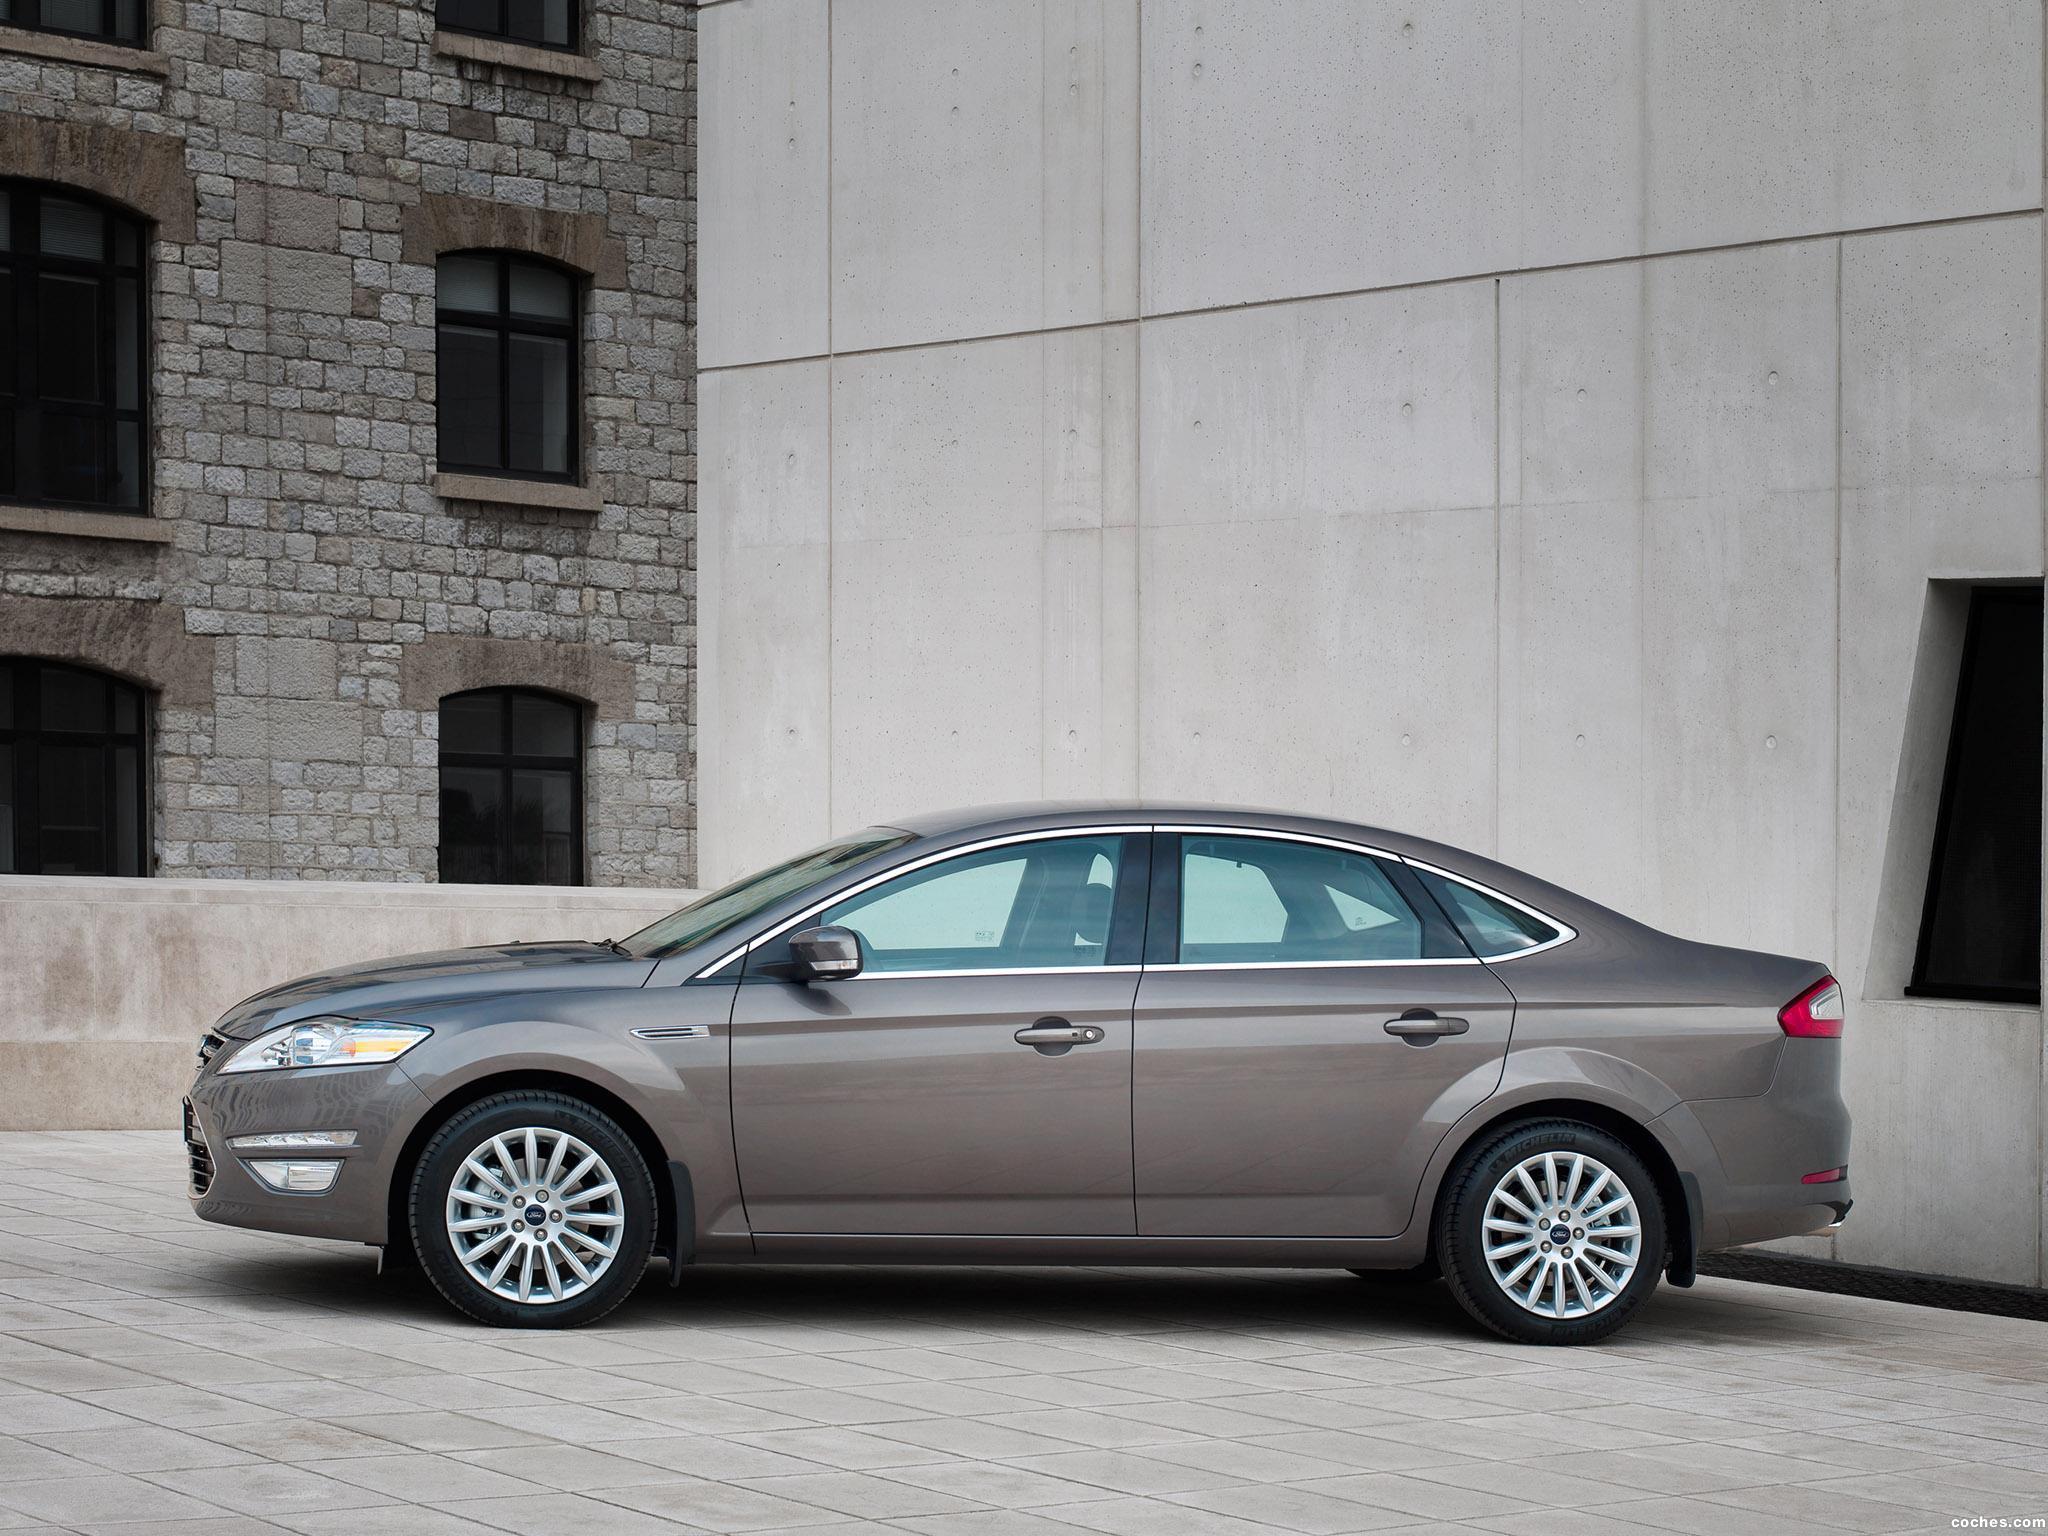 Foto 1 de Ford Mondeo 4 puertas 2010